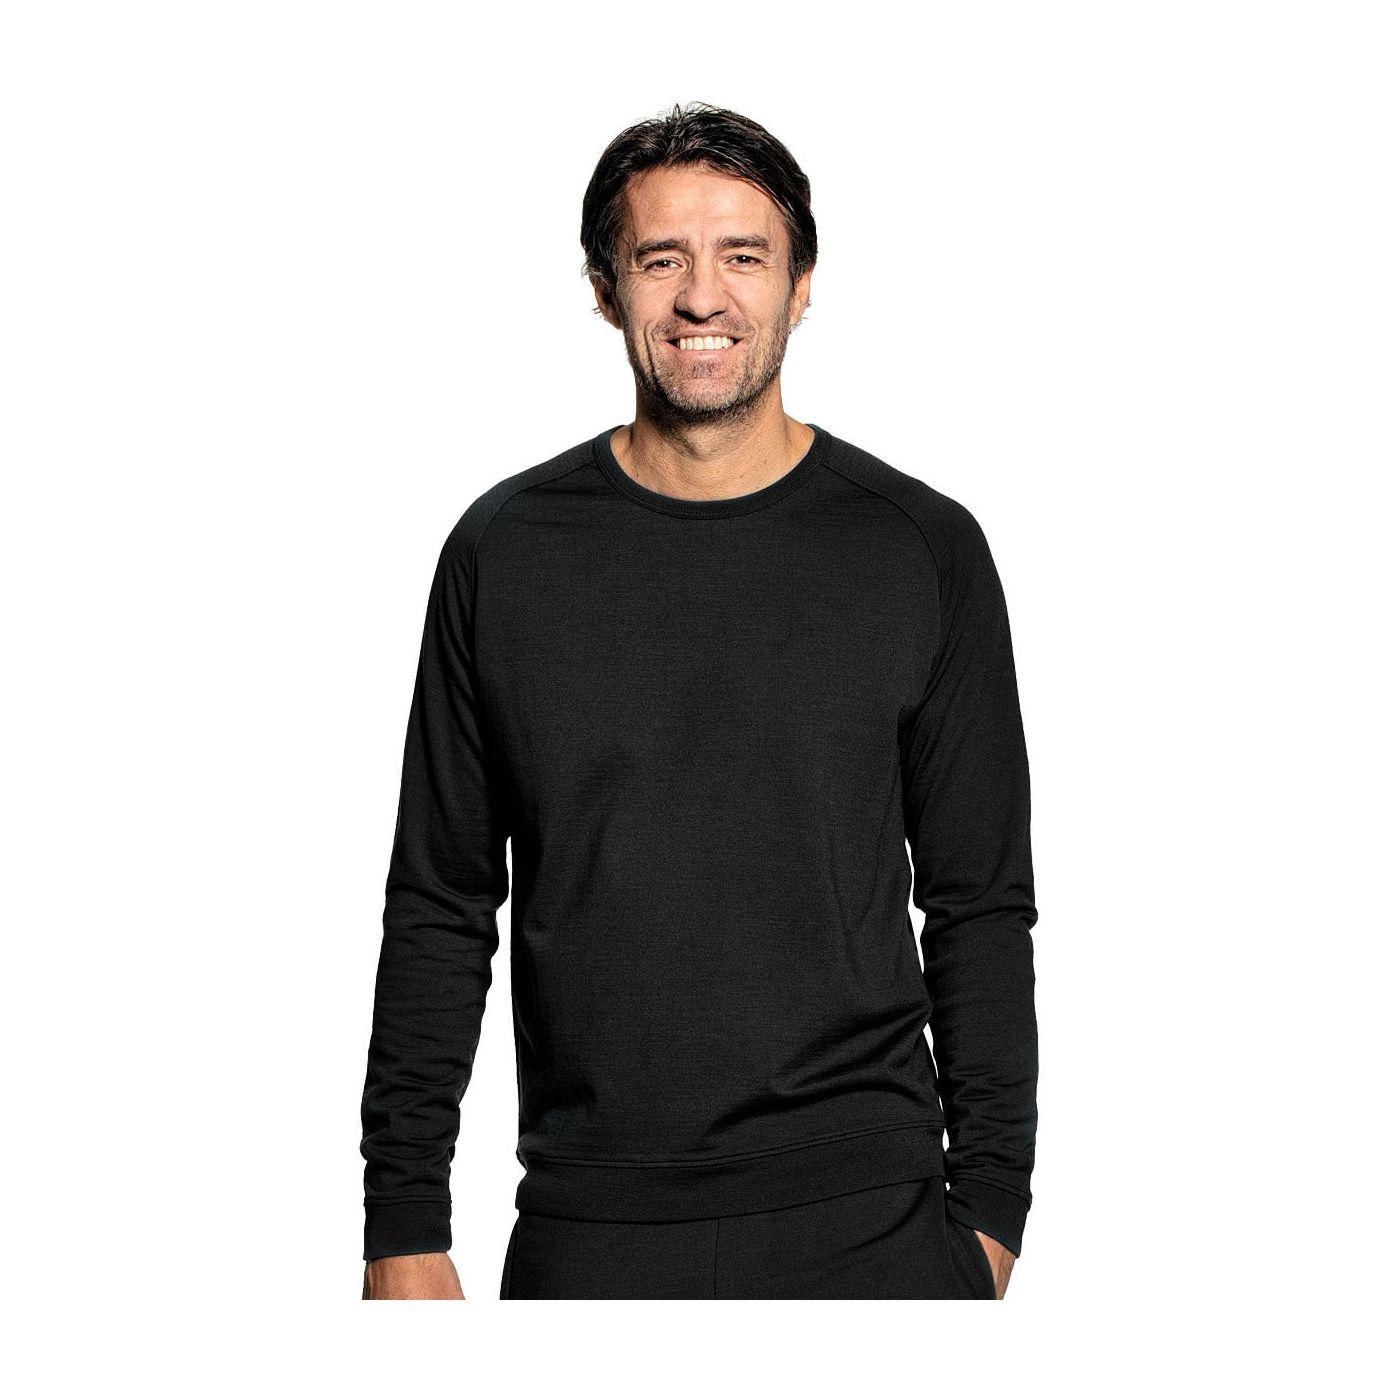 Sweatshirt voor mannen gemaakt van merinowol in het Zwart